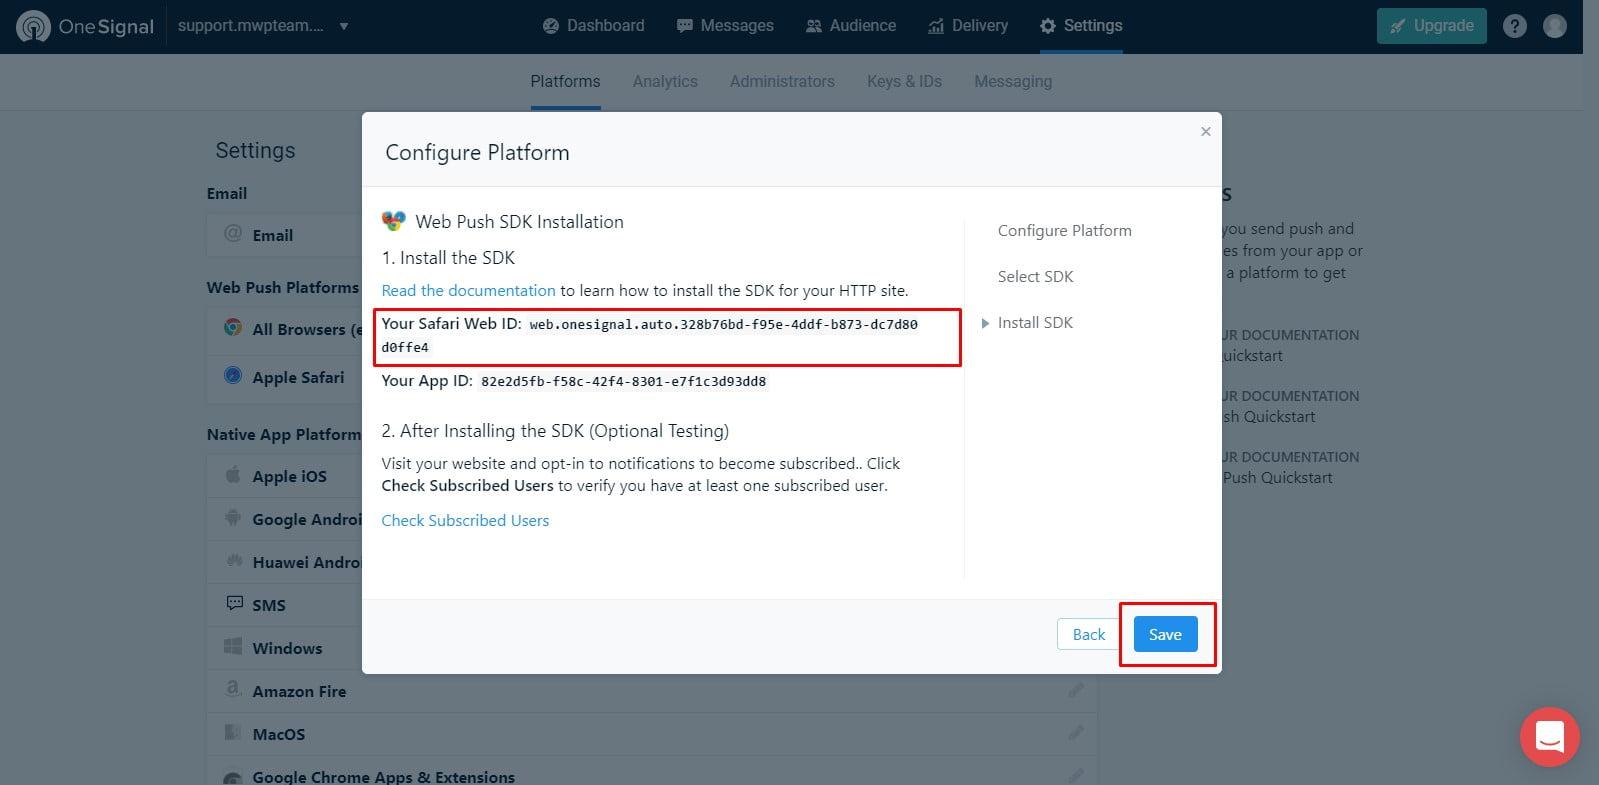 23 1 - Hướng dẫn cài đặt thông báo đẩy OneSignal cho WordPress từ A tới Z - Trung tâm hỗ trợ kỹ thuật